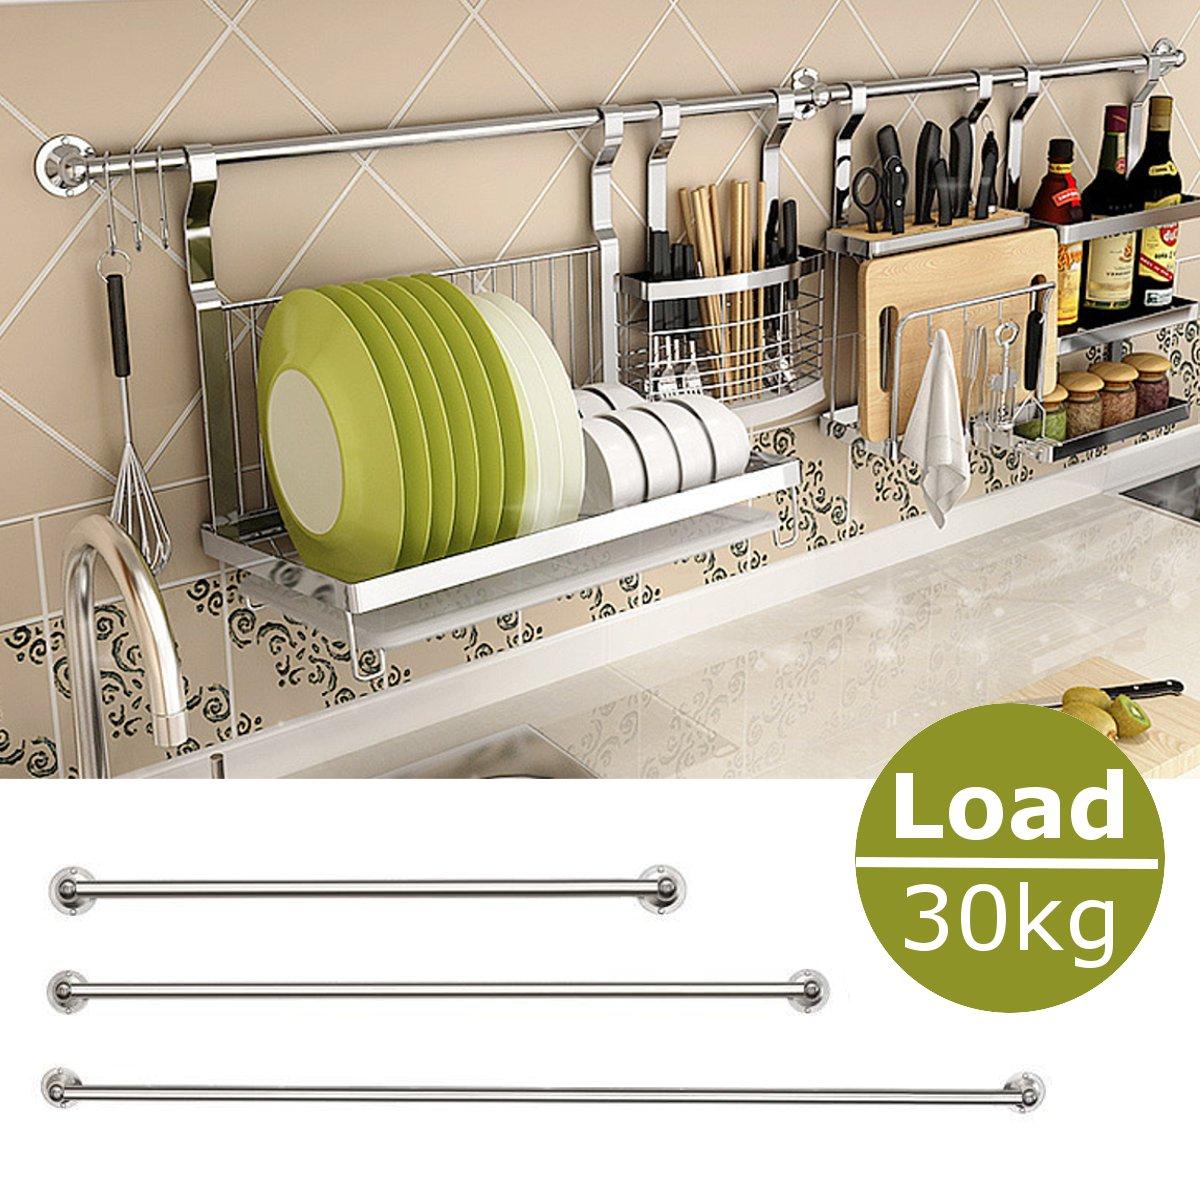 נירוסטה תליית מוט בית מטבח בר ארגונית קיר רכוב אחסון מקל מחזיק מטבח כלים אביזרי 30/40/ 50/60cm